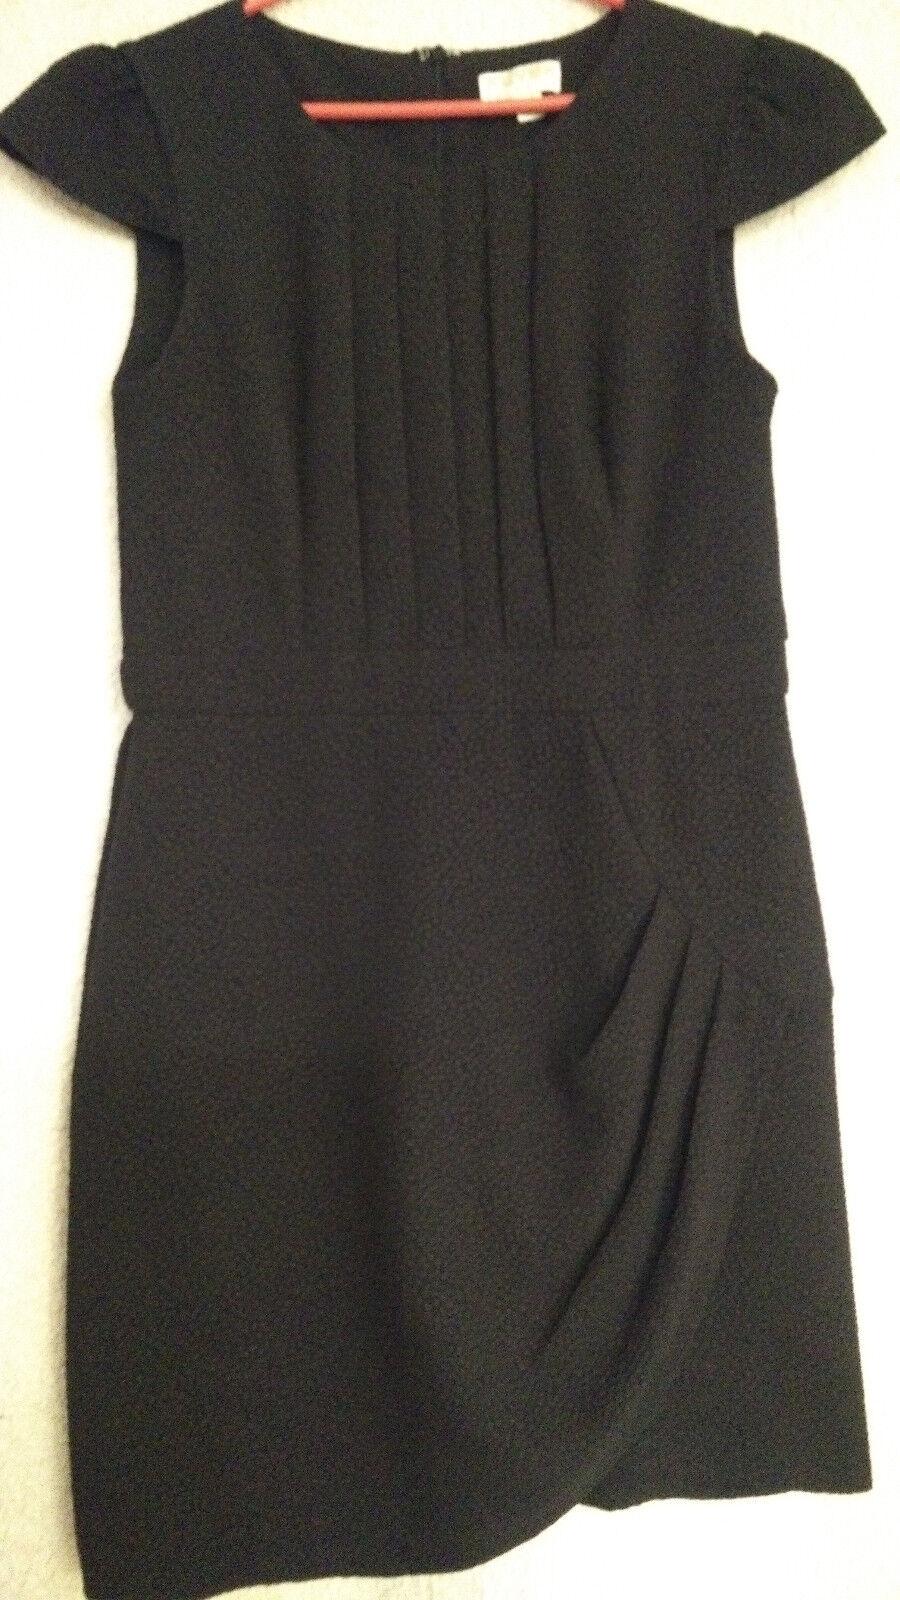 Gr 38/40 schickes Kleid schwarz schön drapiert neuwertig Maße beachten